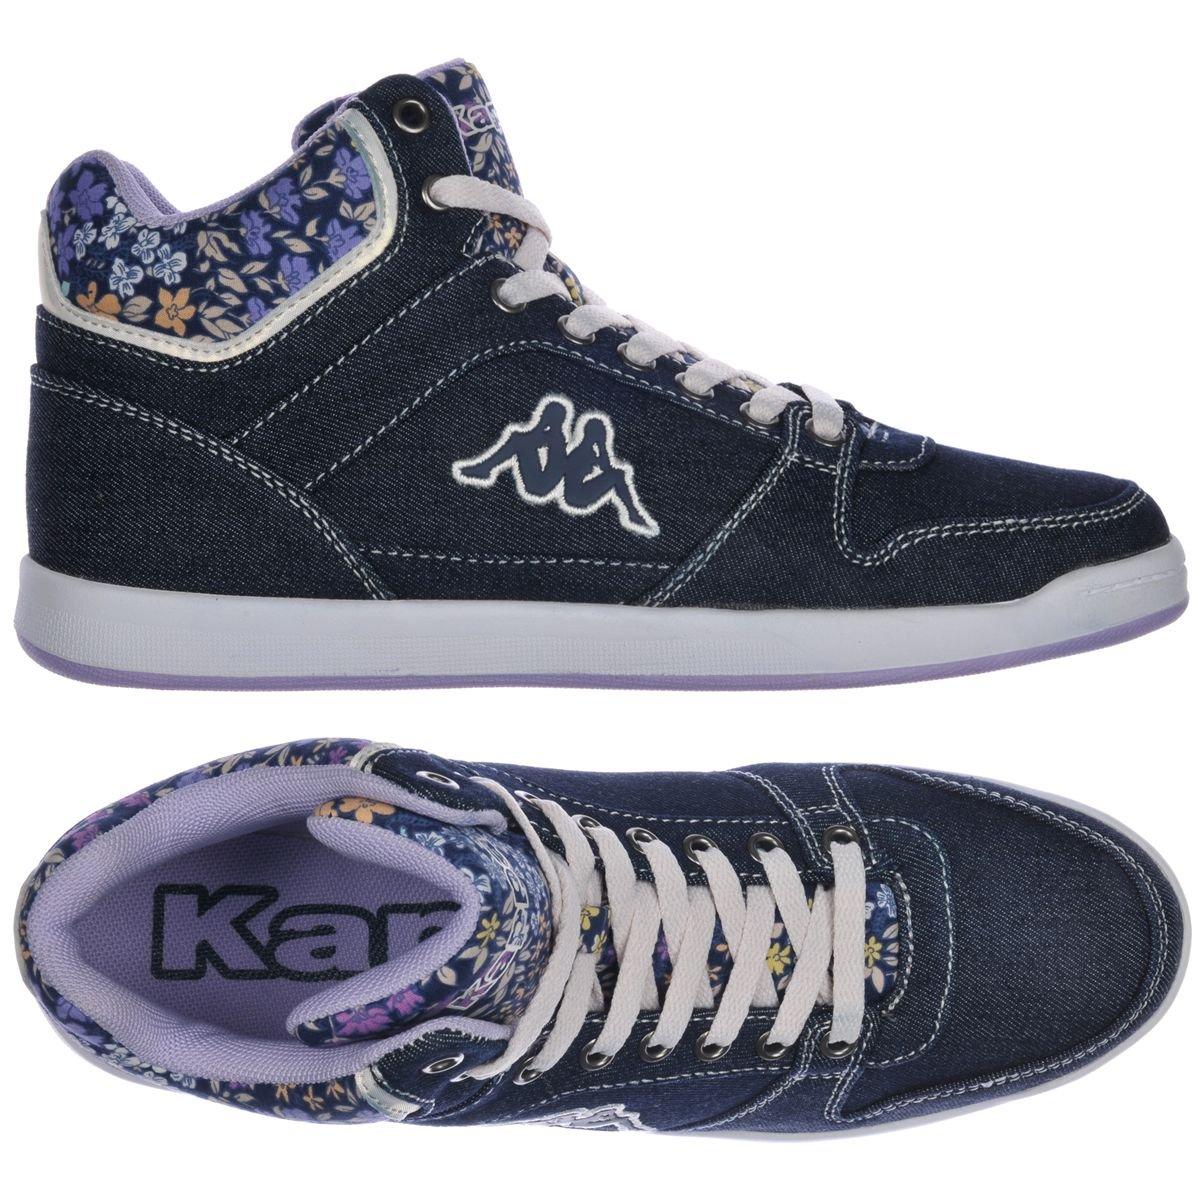 Sneakers - Udele 6 Dk Dk 6 Navy-violet 14c4a4